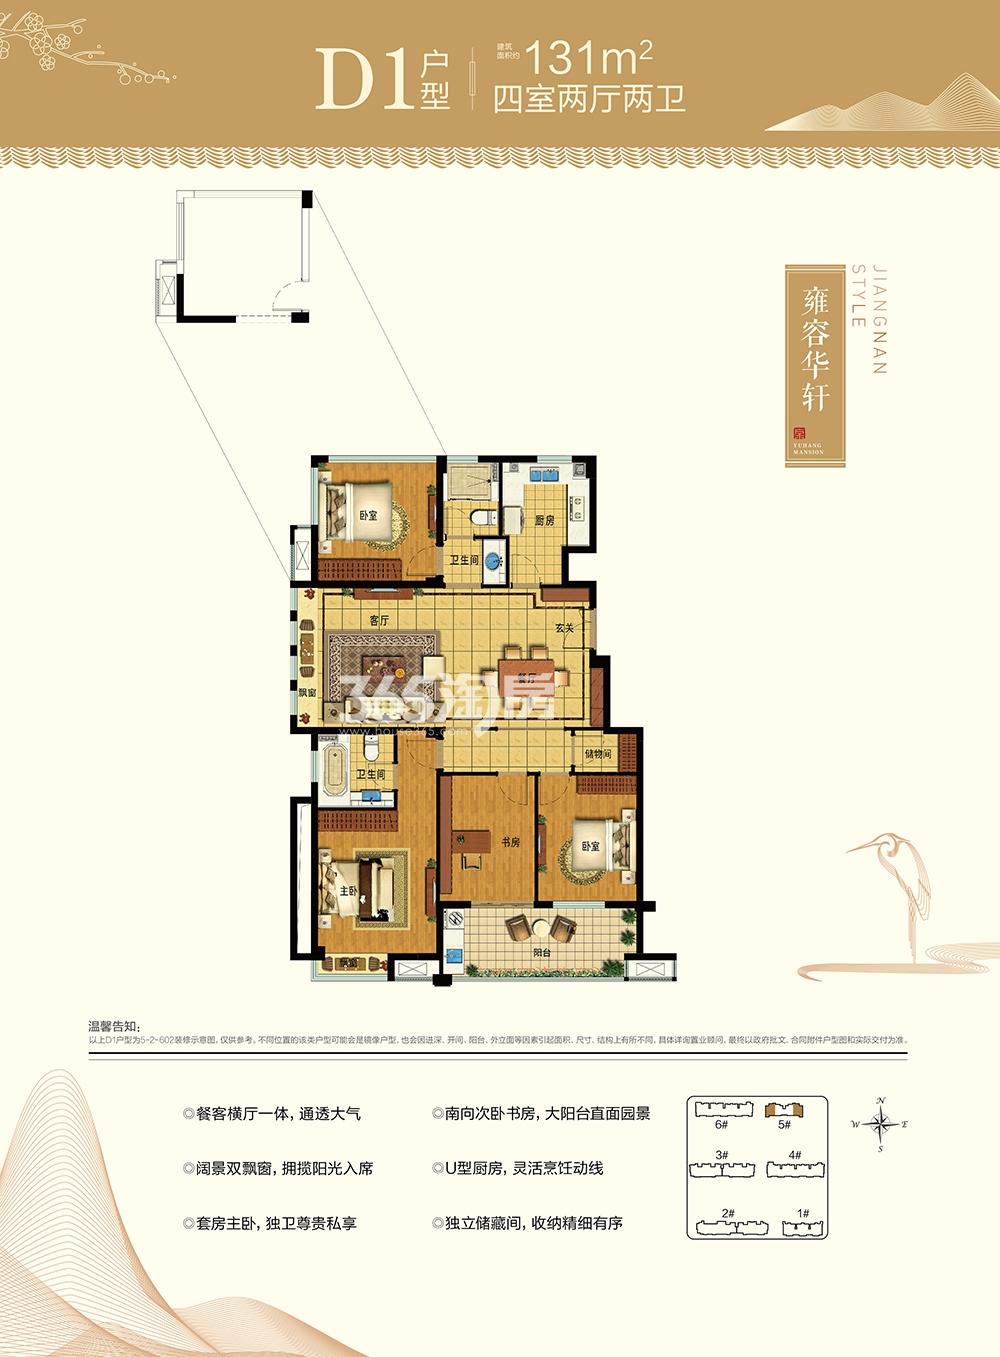 西房余杭公馆5号楼D1户型131方户型图